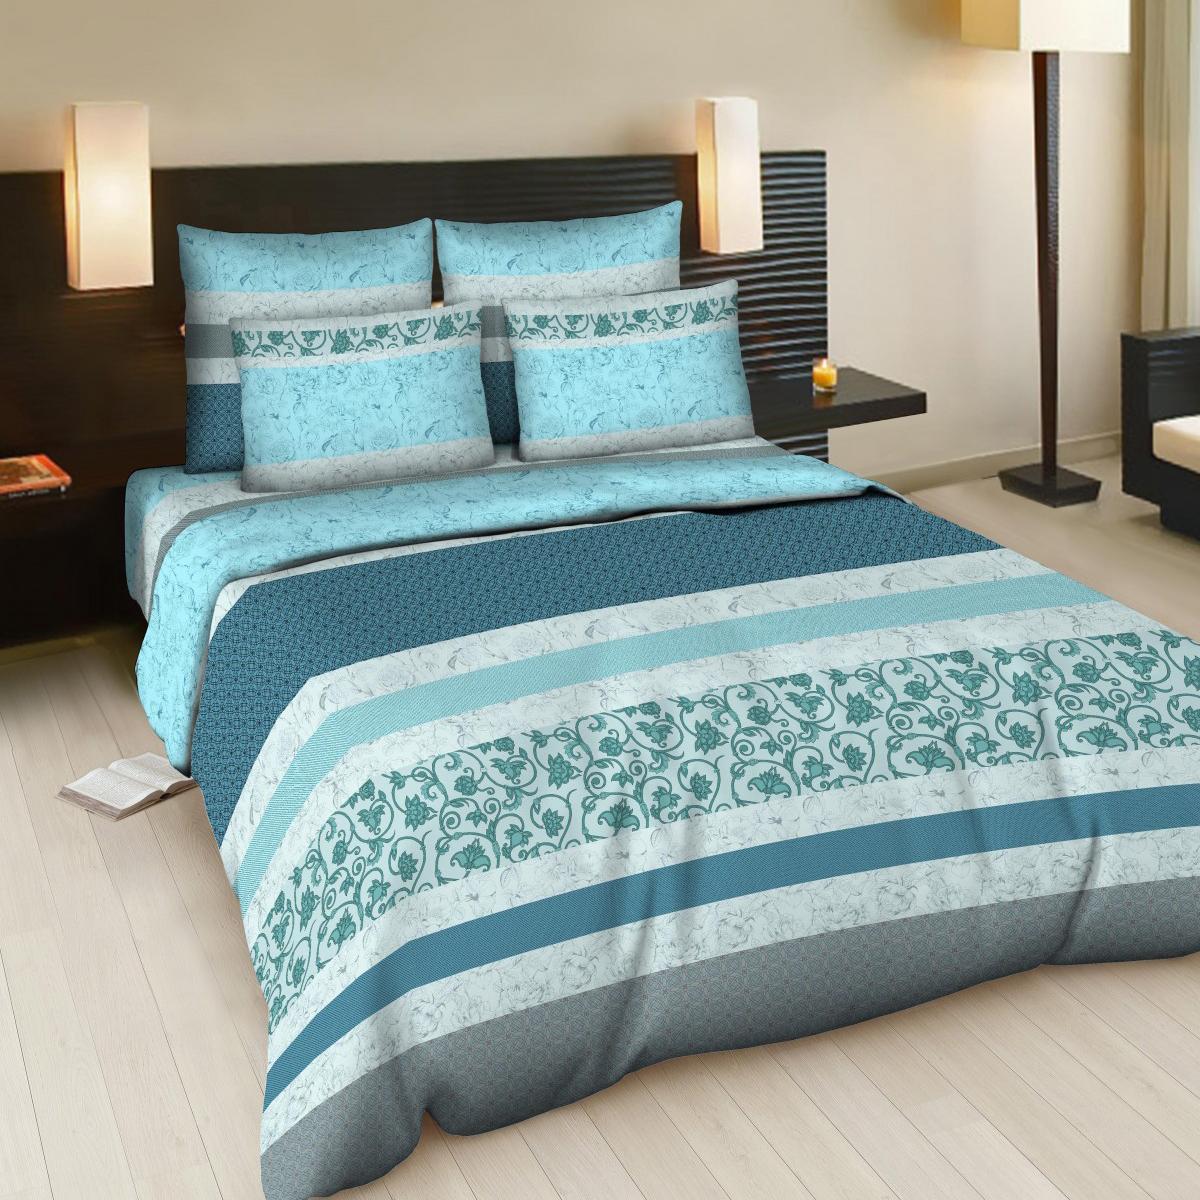 Комплект белья Letto Карнелия, евро, наволочки 70х70, цвет: голубой, серый, синийВ83-6Комплект постельного белья Letto Карнелия выполнен из бязи (100% натурального хлопка). Комплект состоит из пододеяльника, простыни и двух наволочек. Постельное белье оформлено ярким красочным рисунком. Гладкая структура делает ткань приятной на ощупь, мягкой и нежной, при этом она прочная и хорошо сохраняет форму. Благодаря такому комплекту постельного белья вы сможете создать атмосферу роскоши и романтики в вашей спальне.